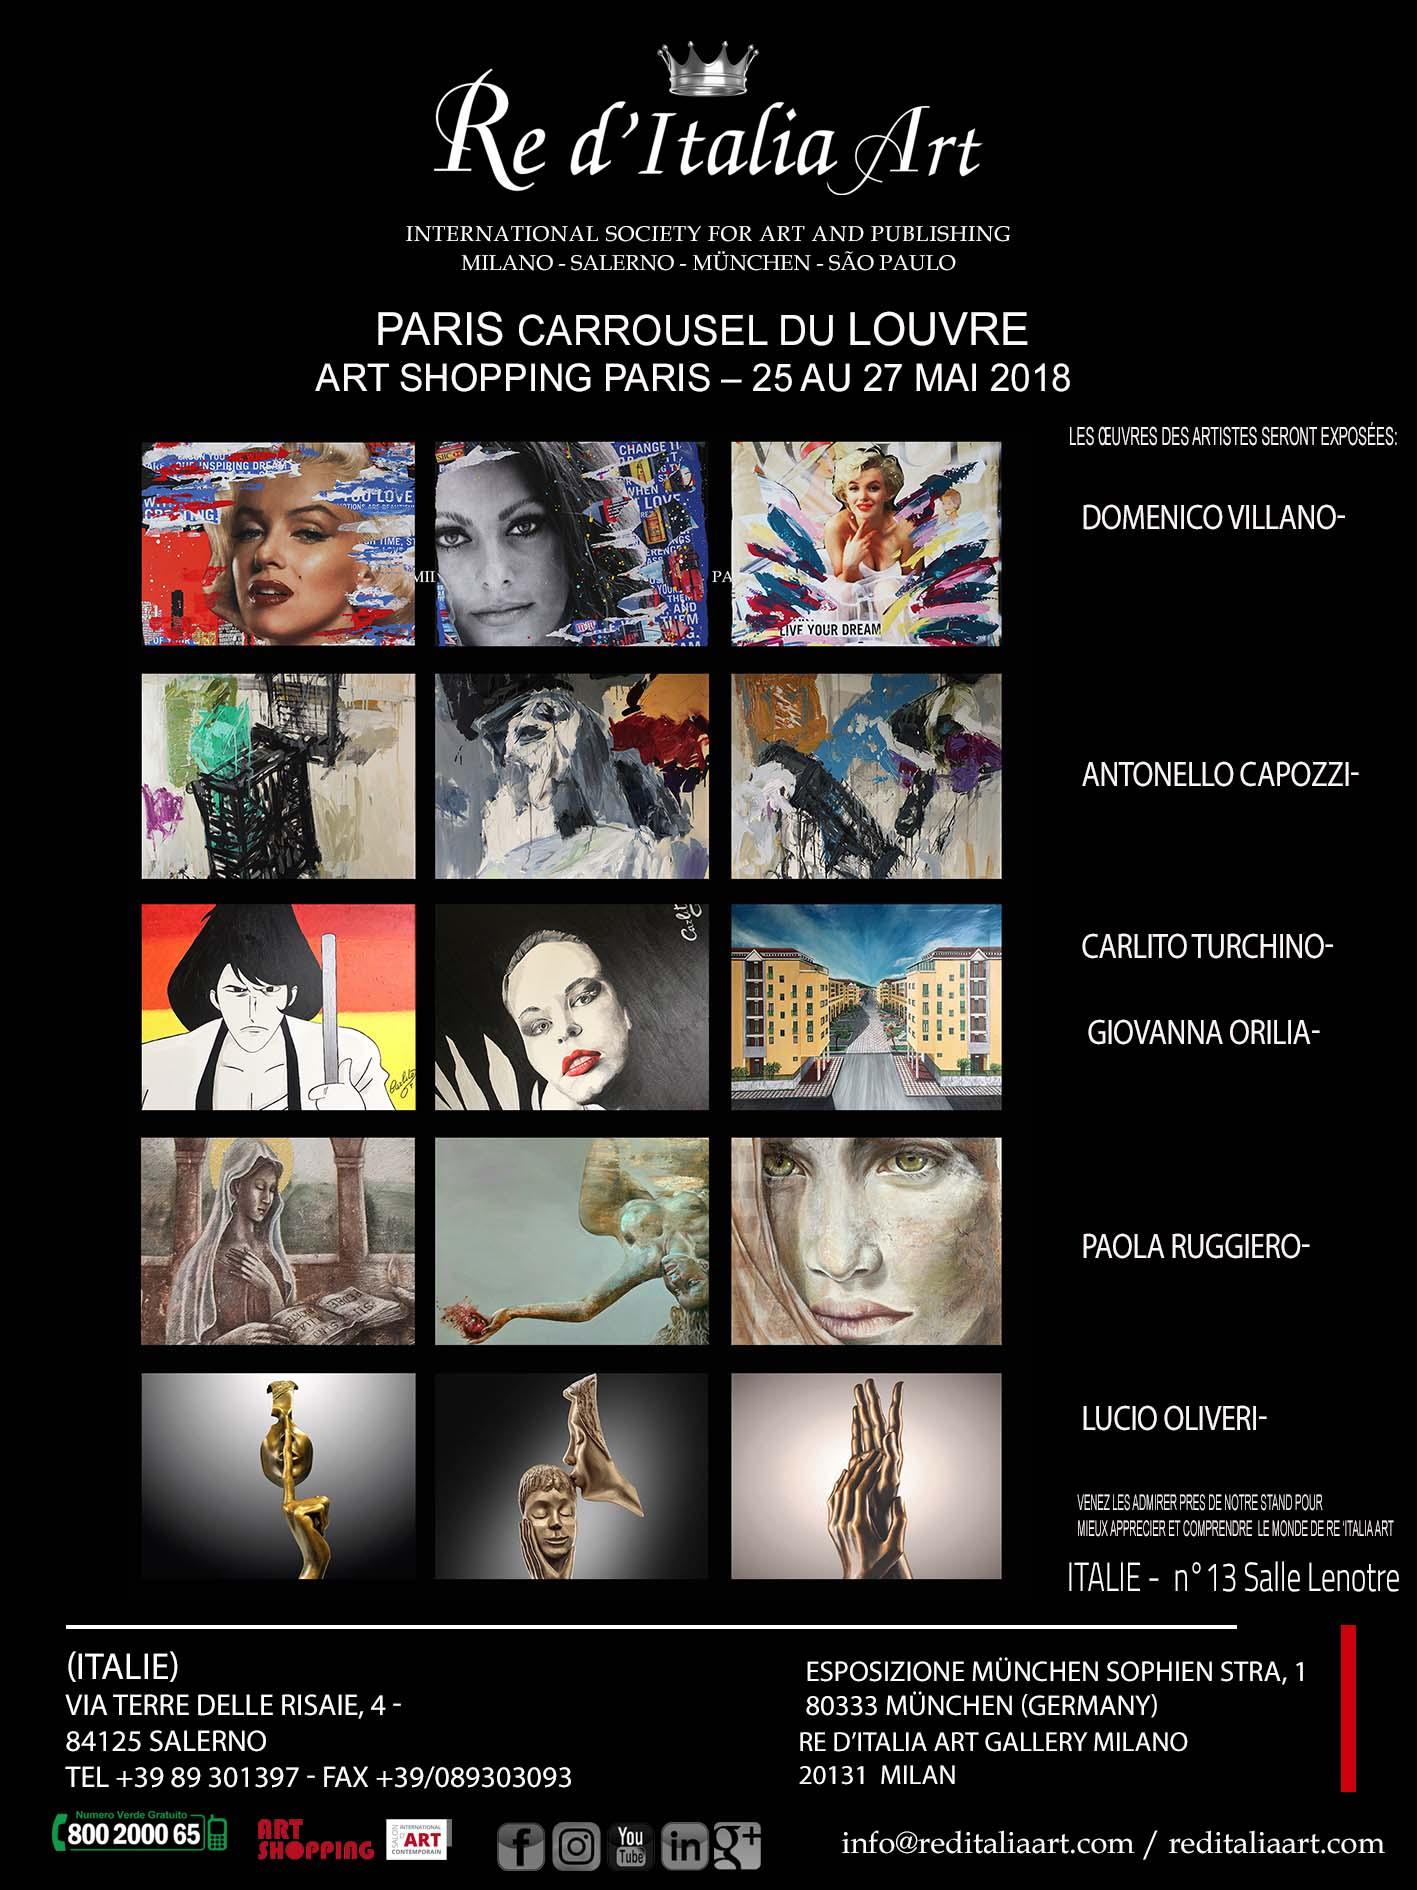 Mostra Carrousel du Louvre 2018